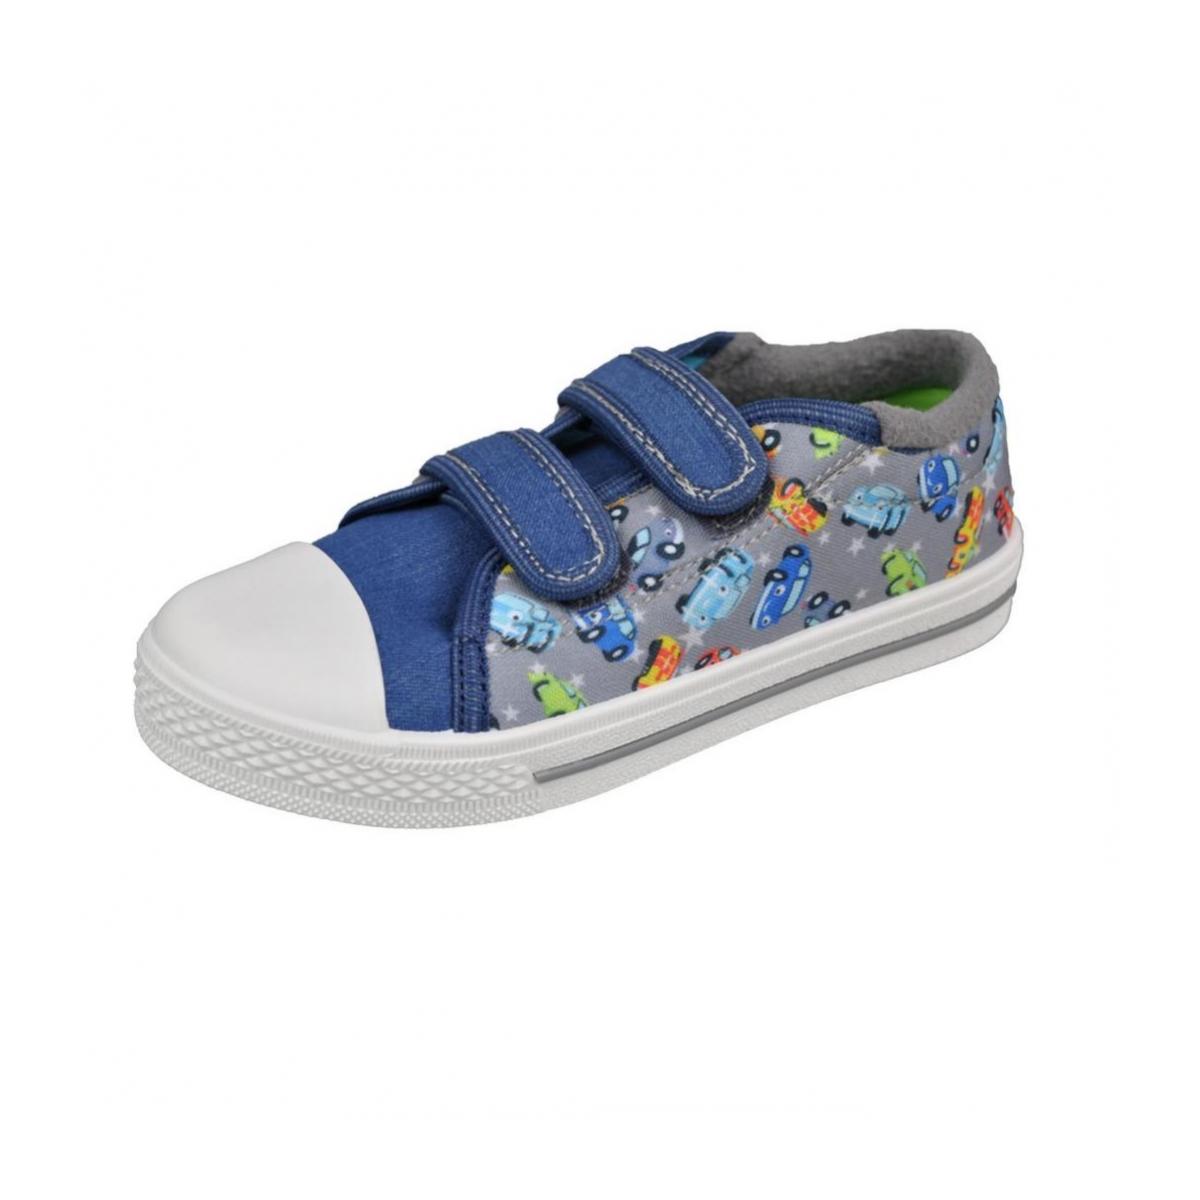 41f07a856a6c0 Detské modré topánky CARS | Johnc.sk